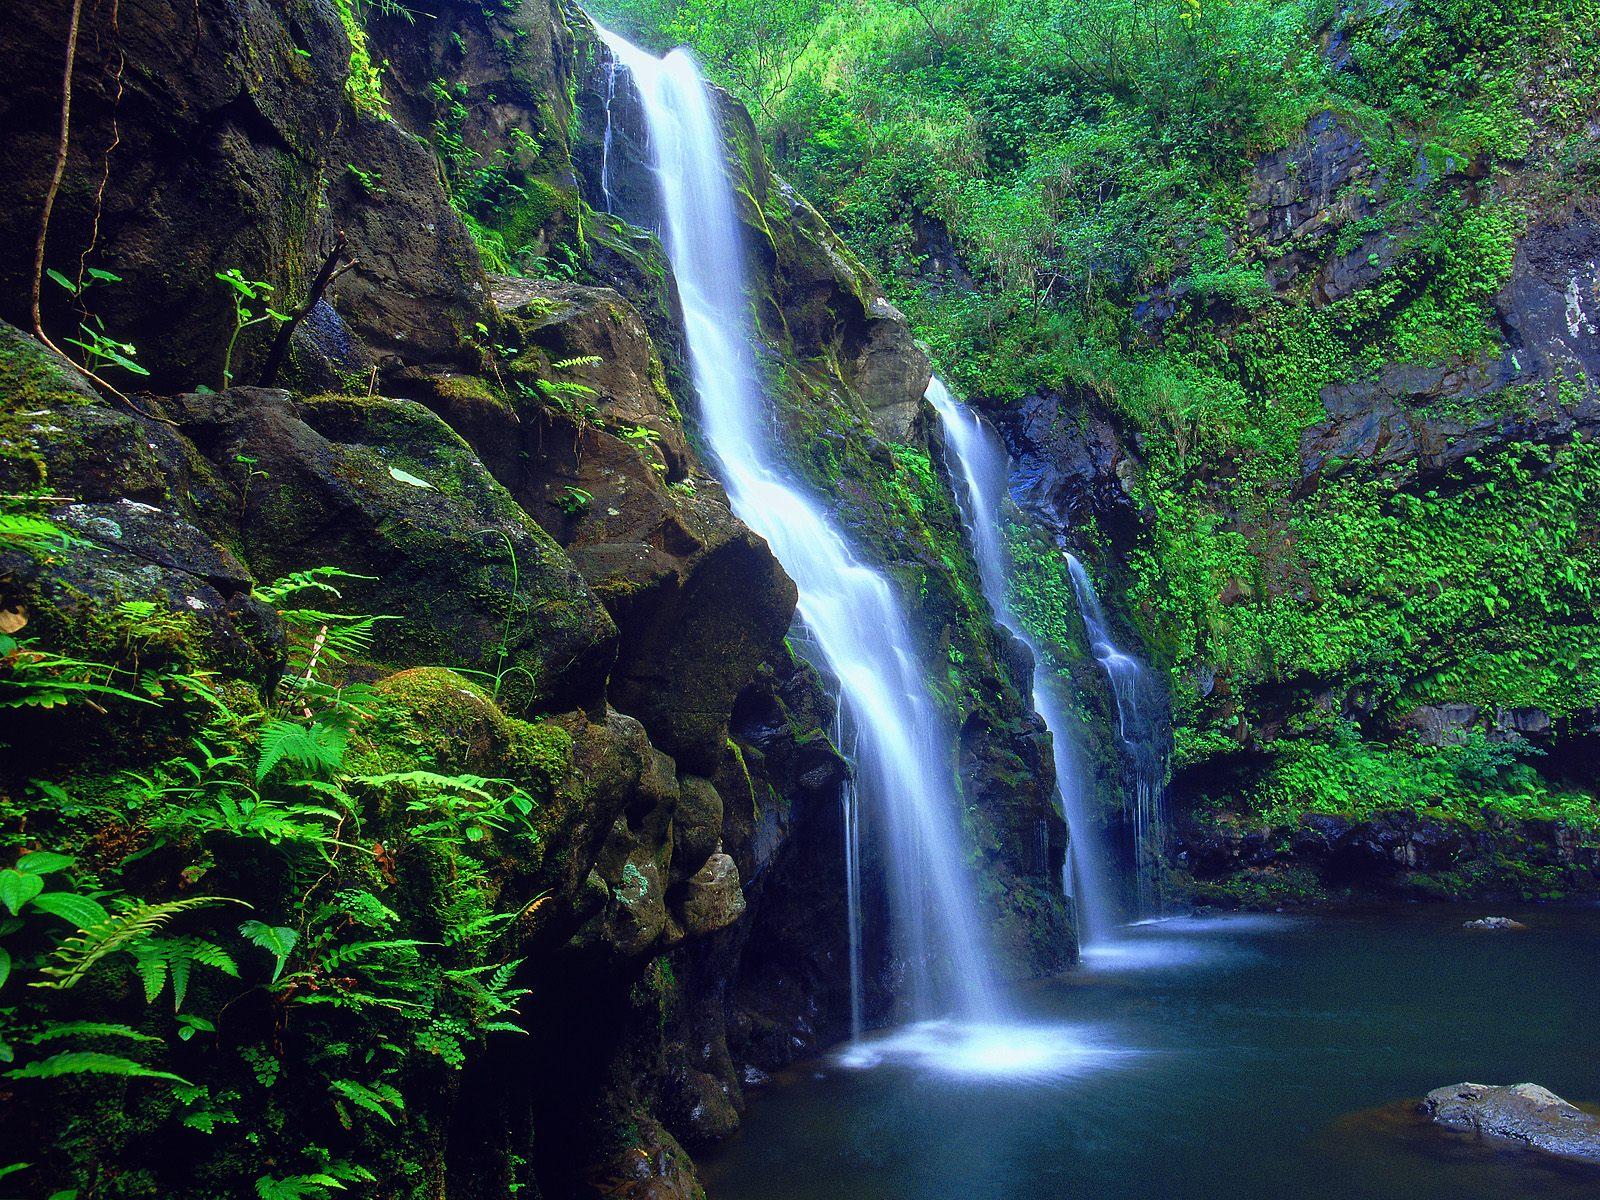 Hawaii wallpapers - Nature ke wallpaper ...